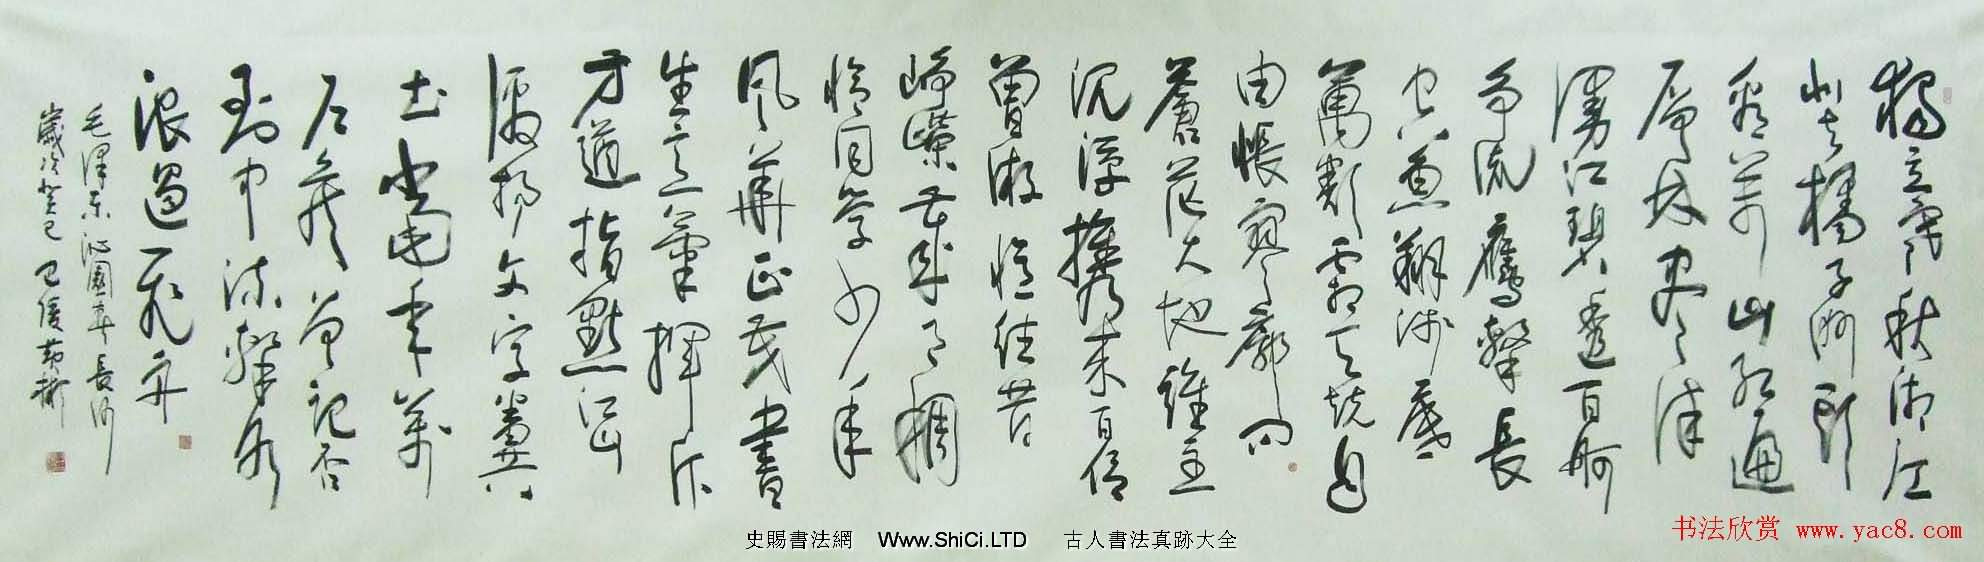 瀟湘懷遠—黃彬將軍書法作品展